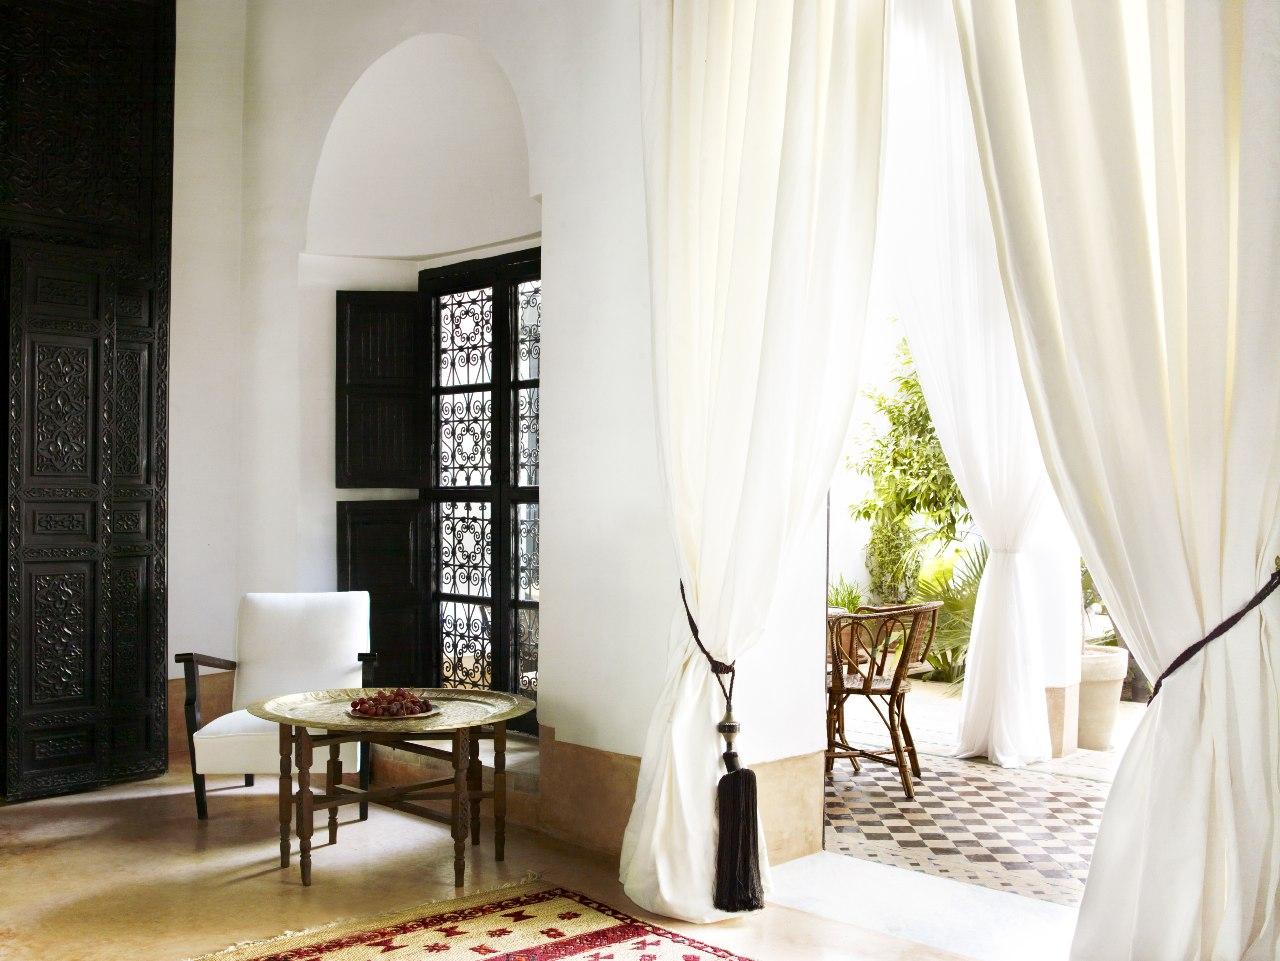 lhotel-marrakech-best-riads-ute-junker